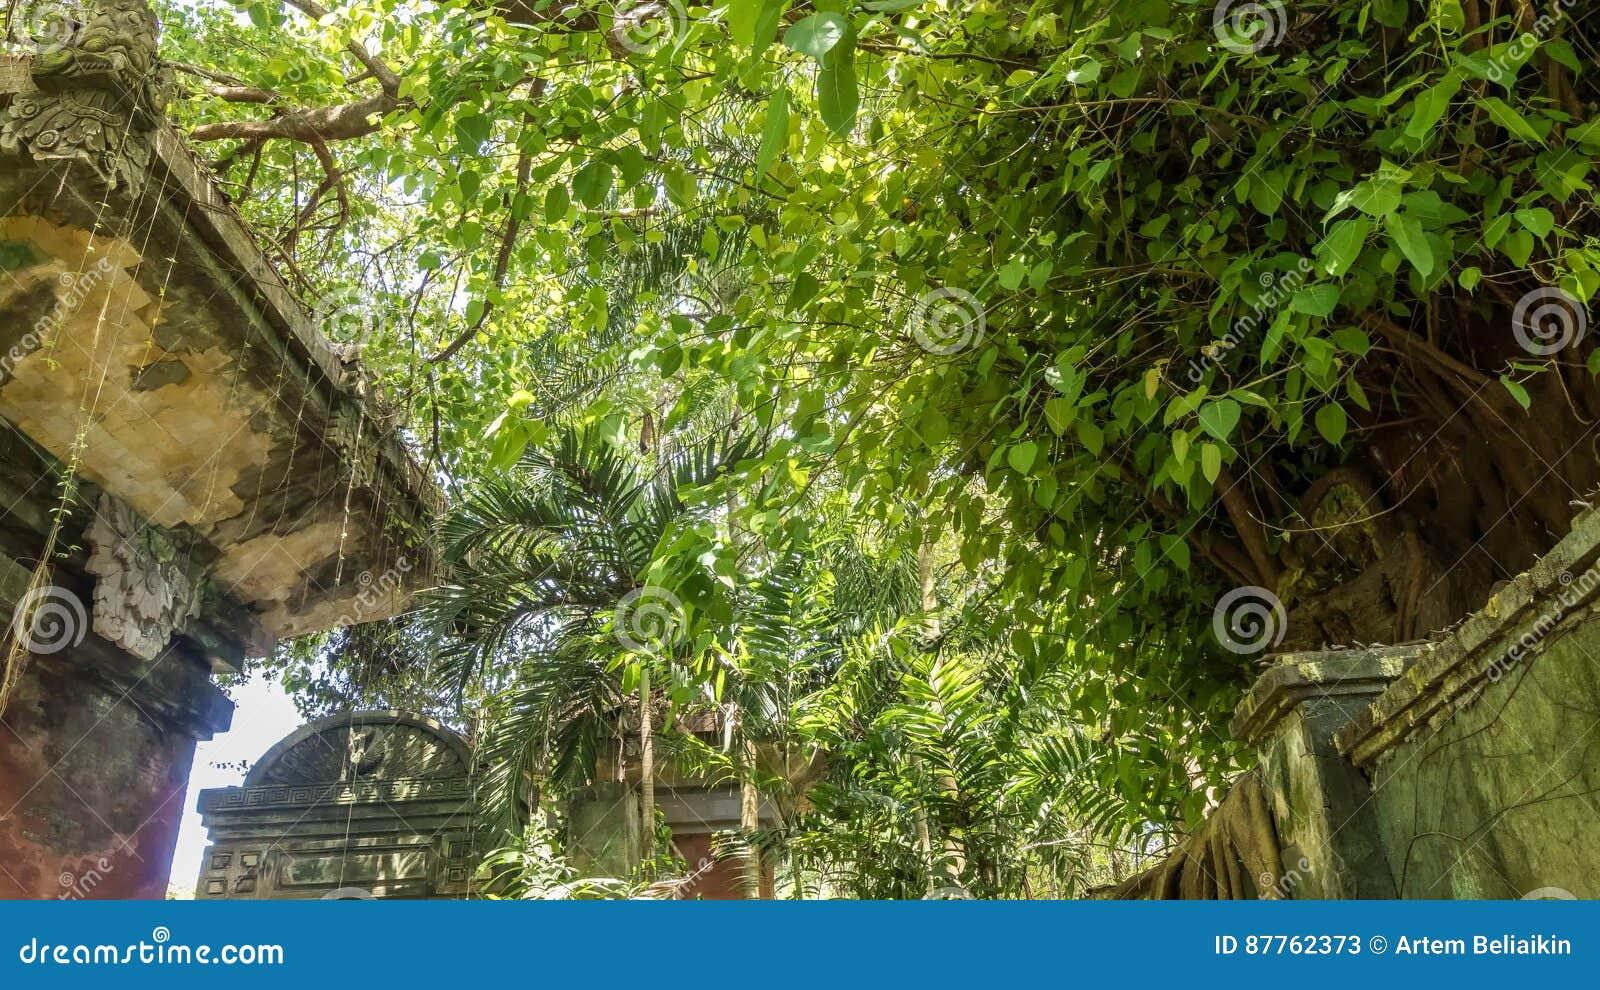 Spiksplinternieuw 4K Timelapse Van Tropisch Regenwoud Op Het Eiland Van Bali UZ-49